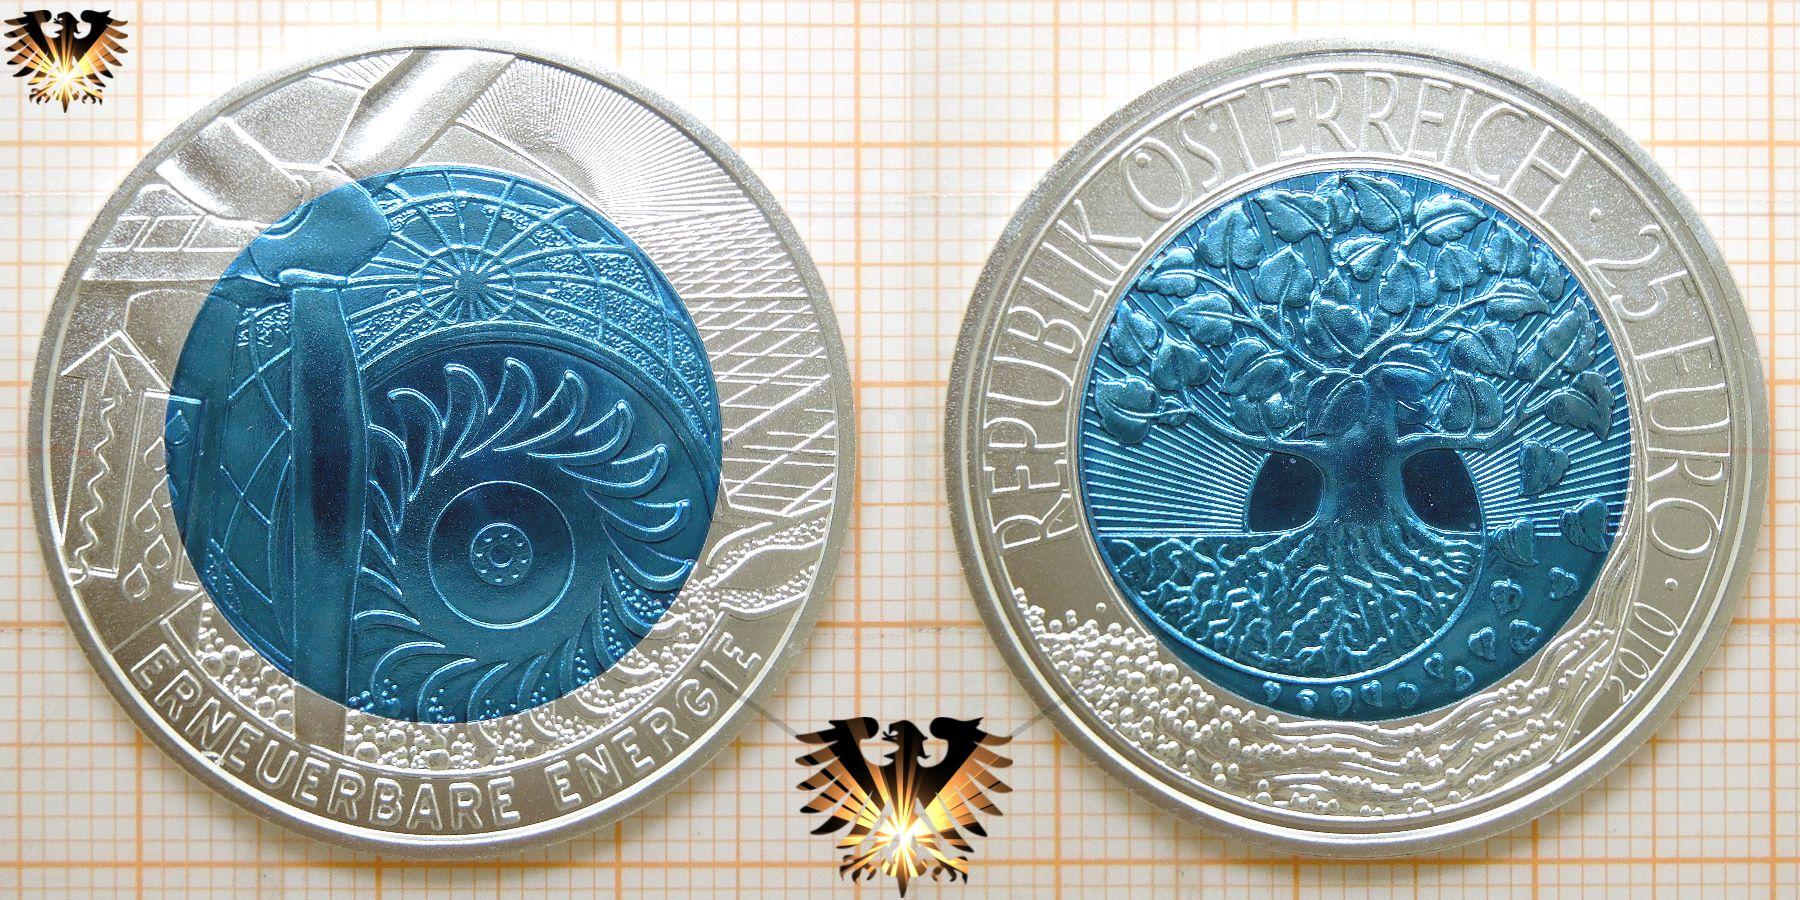 25 Euro Erneuerbare Energie Silber Niob Münze österreich 2010